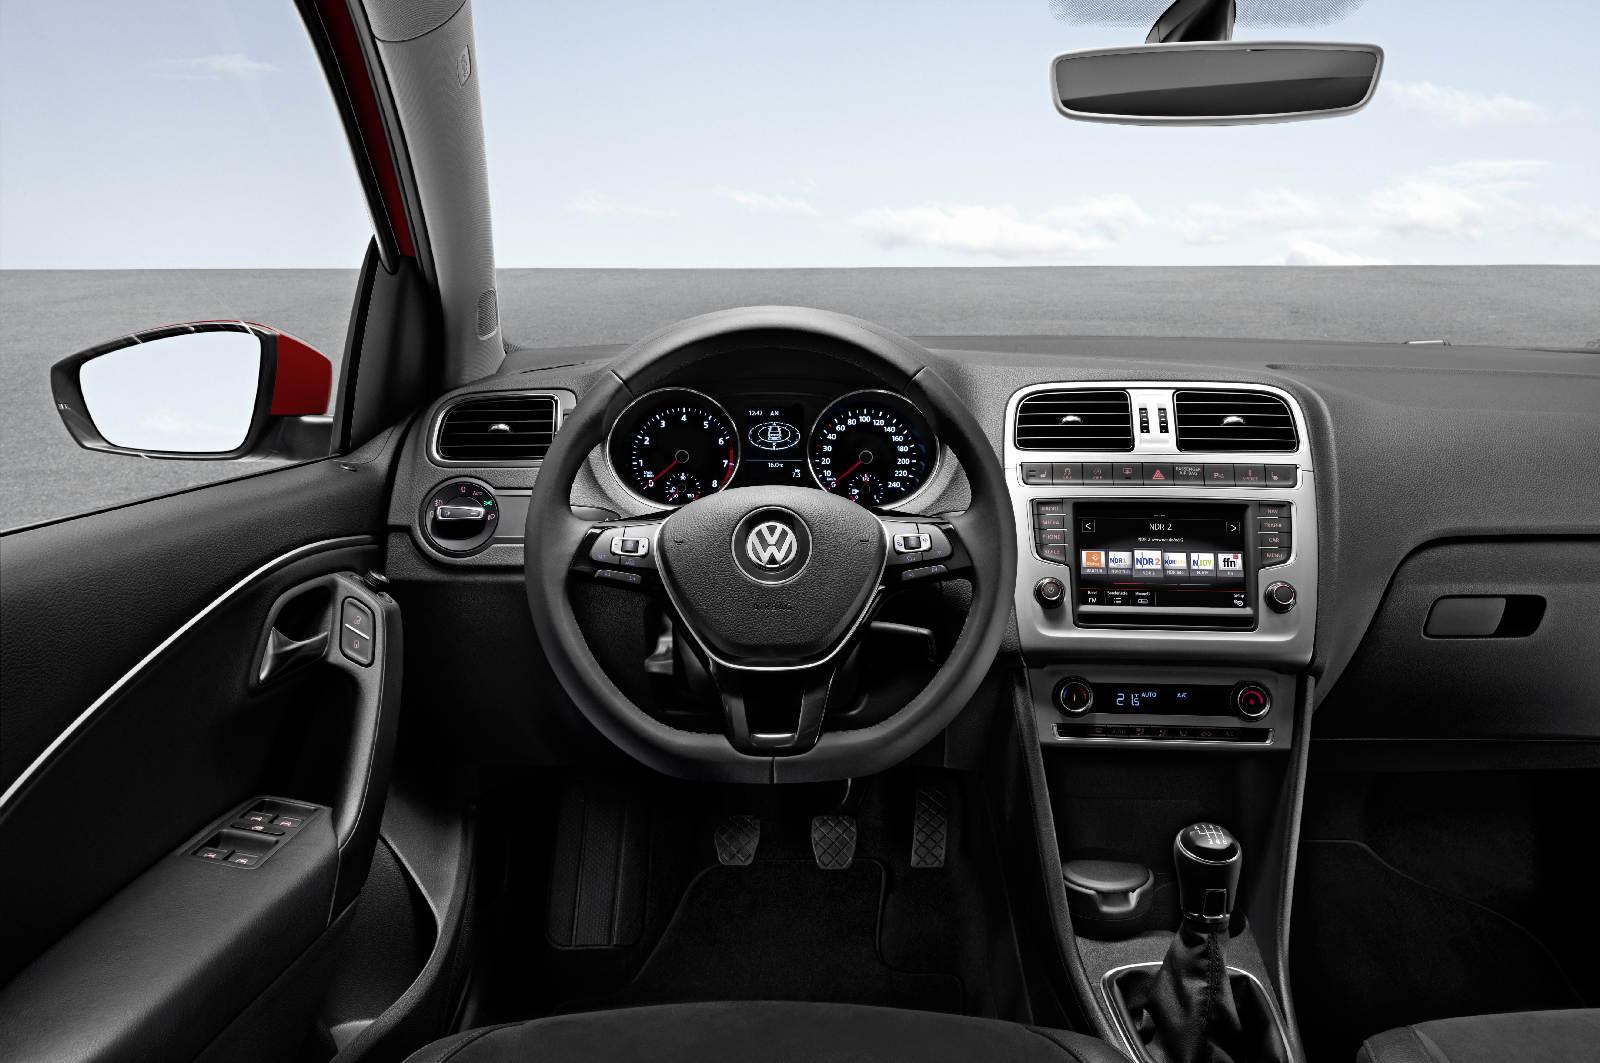 Nuevo Volkswagen Polo 2014: el cambio está en el interior